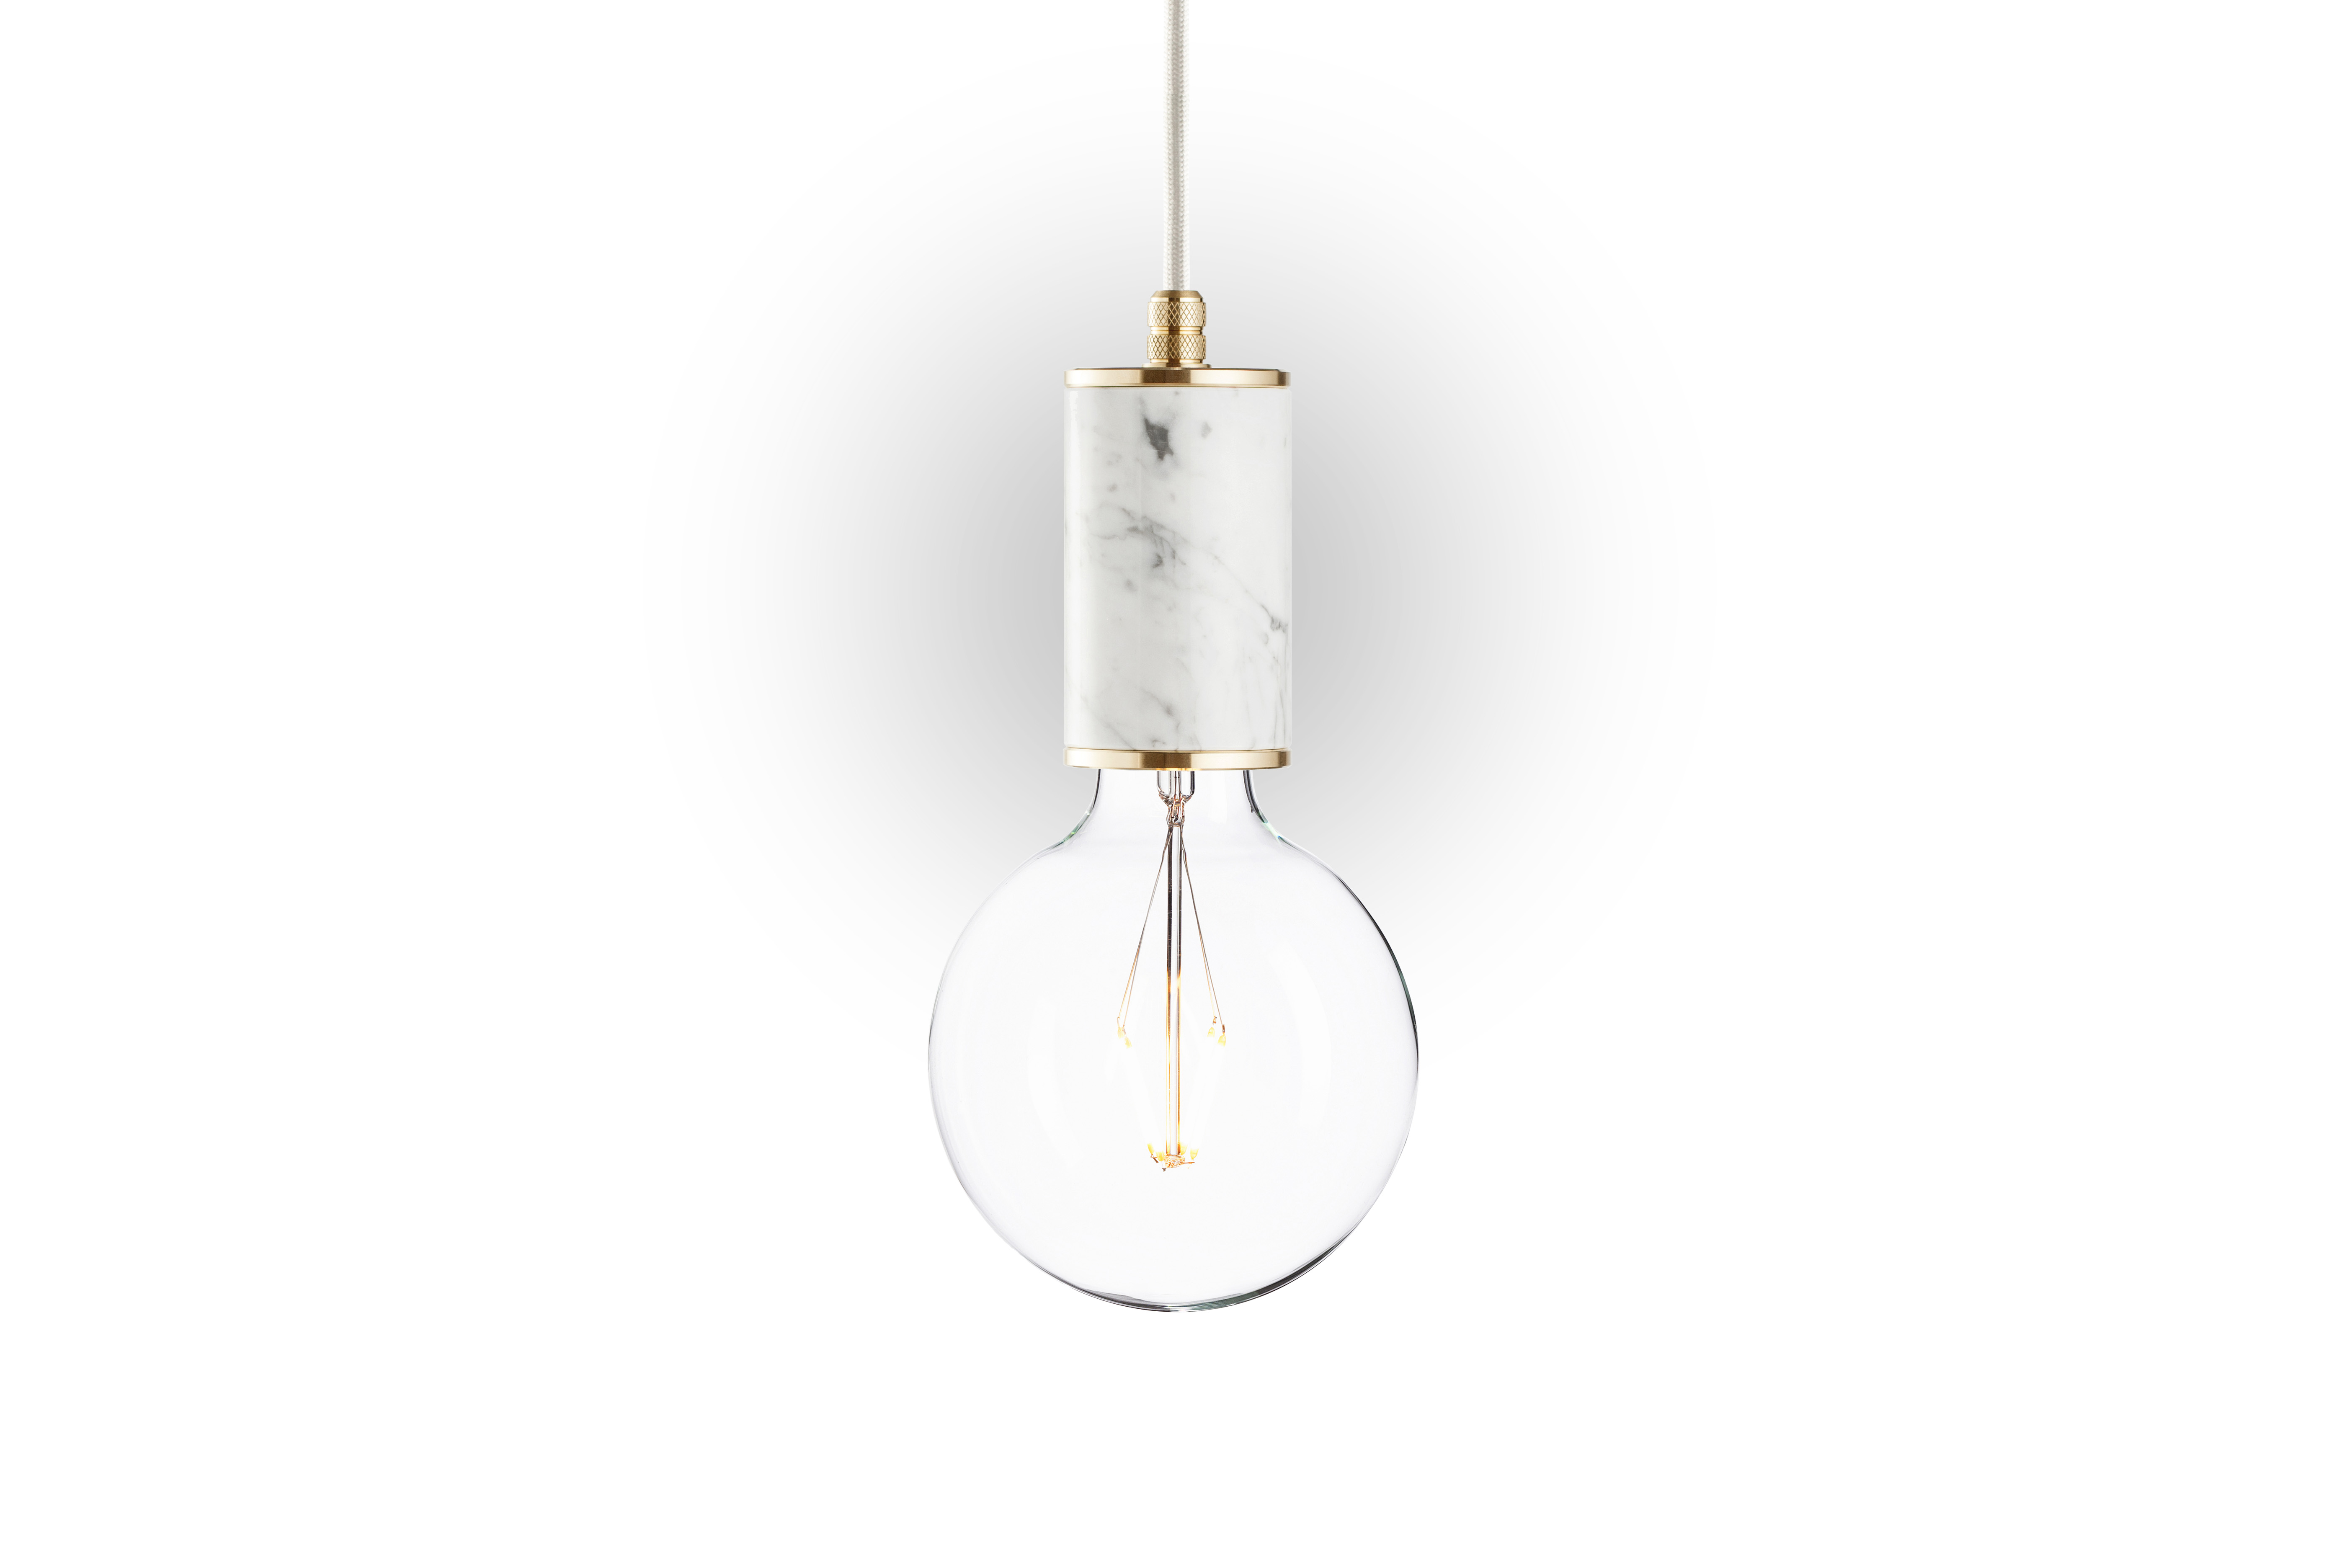 Подвесной светильник Marmor GlansПодвесные светильники<br>Простая лампа находит свое продолжение в изысканном цилиндрическом основании. Оно изготовлено из белого мрамора, потрясающий узор которого добавляет строгой конструкции &amp;quot;Marmor Glans&amp;quot; утонченность. Именно благодаря роскошному натуральному мрамору потолочный светильник в брутальном стиле лофт смотрится элегантно.&amp;lt;div&amp;gt;&amp;lt;br&amp;gt;&amp;lt;/div&amp;gt;&amp;lt;div&amp;gt;Лампочка приобретается отдельно. Цоколь Е27, максимальная мощность лампочки - 60 W, длина шнура - 3 м. &amp;amp;nbsp;&amp;amp;nbsp;&amp;lt;/div&amp;gt;&amp;lt;div&amp;gt;Материал: корпус - мрамор Bianco Carrara, фурнитура - латунь, сталь, патрон - пластик, кабель в оплетке. Под заказ. Срок изготовления 3 недели.&amp;amp;nbsp;&amp;lt;/div&amp;gt;<br><br>Material: Мрамор<br>Высота см: 12